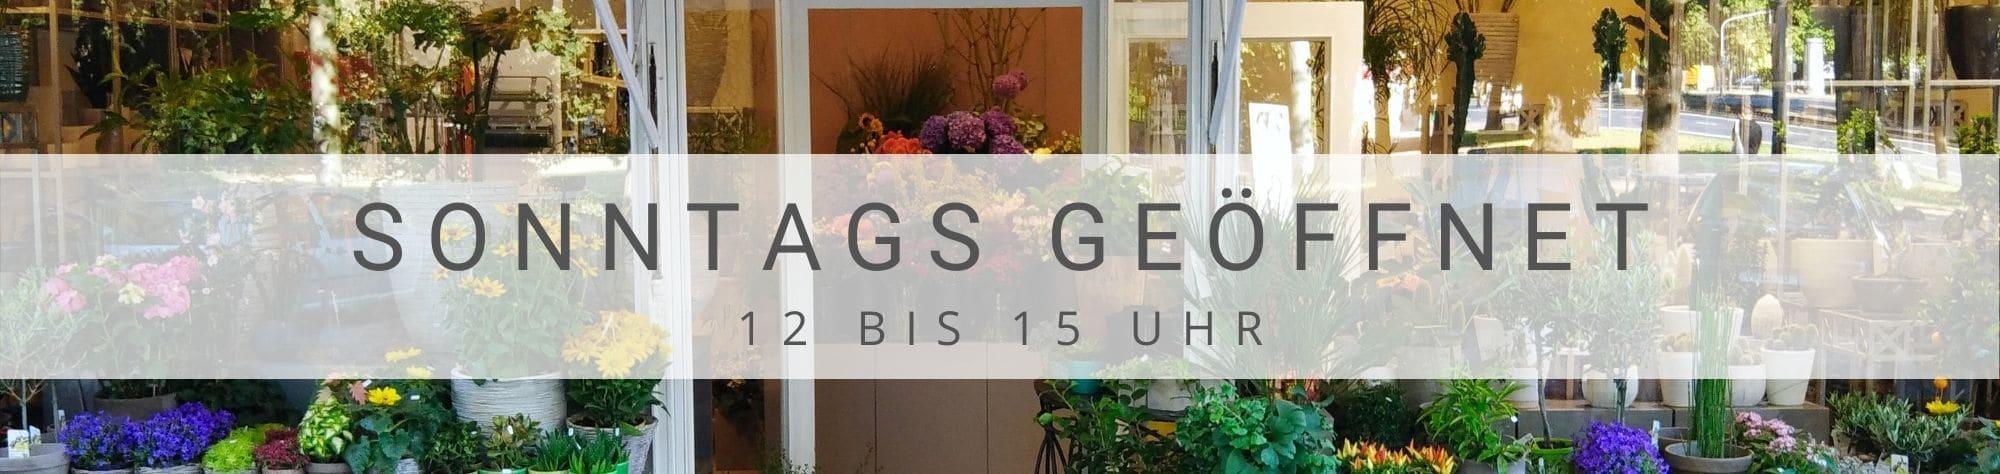 Blumen Sonntag Düsseldorf - Unser Blumenladen ist sonntags geöffnet